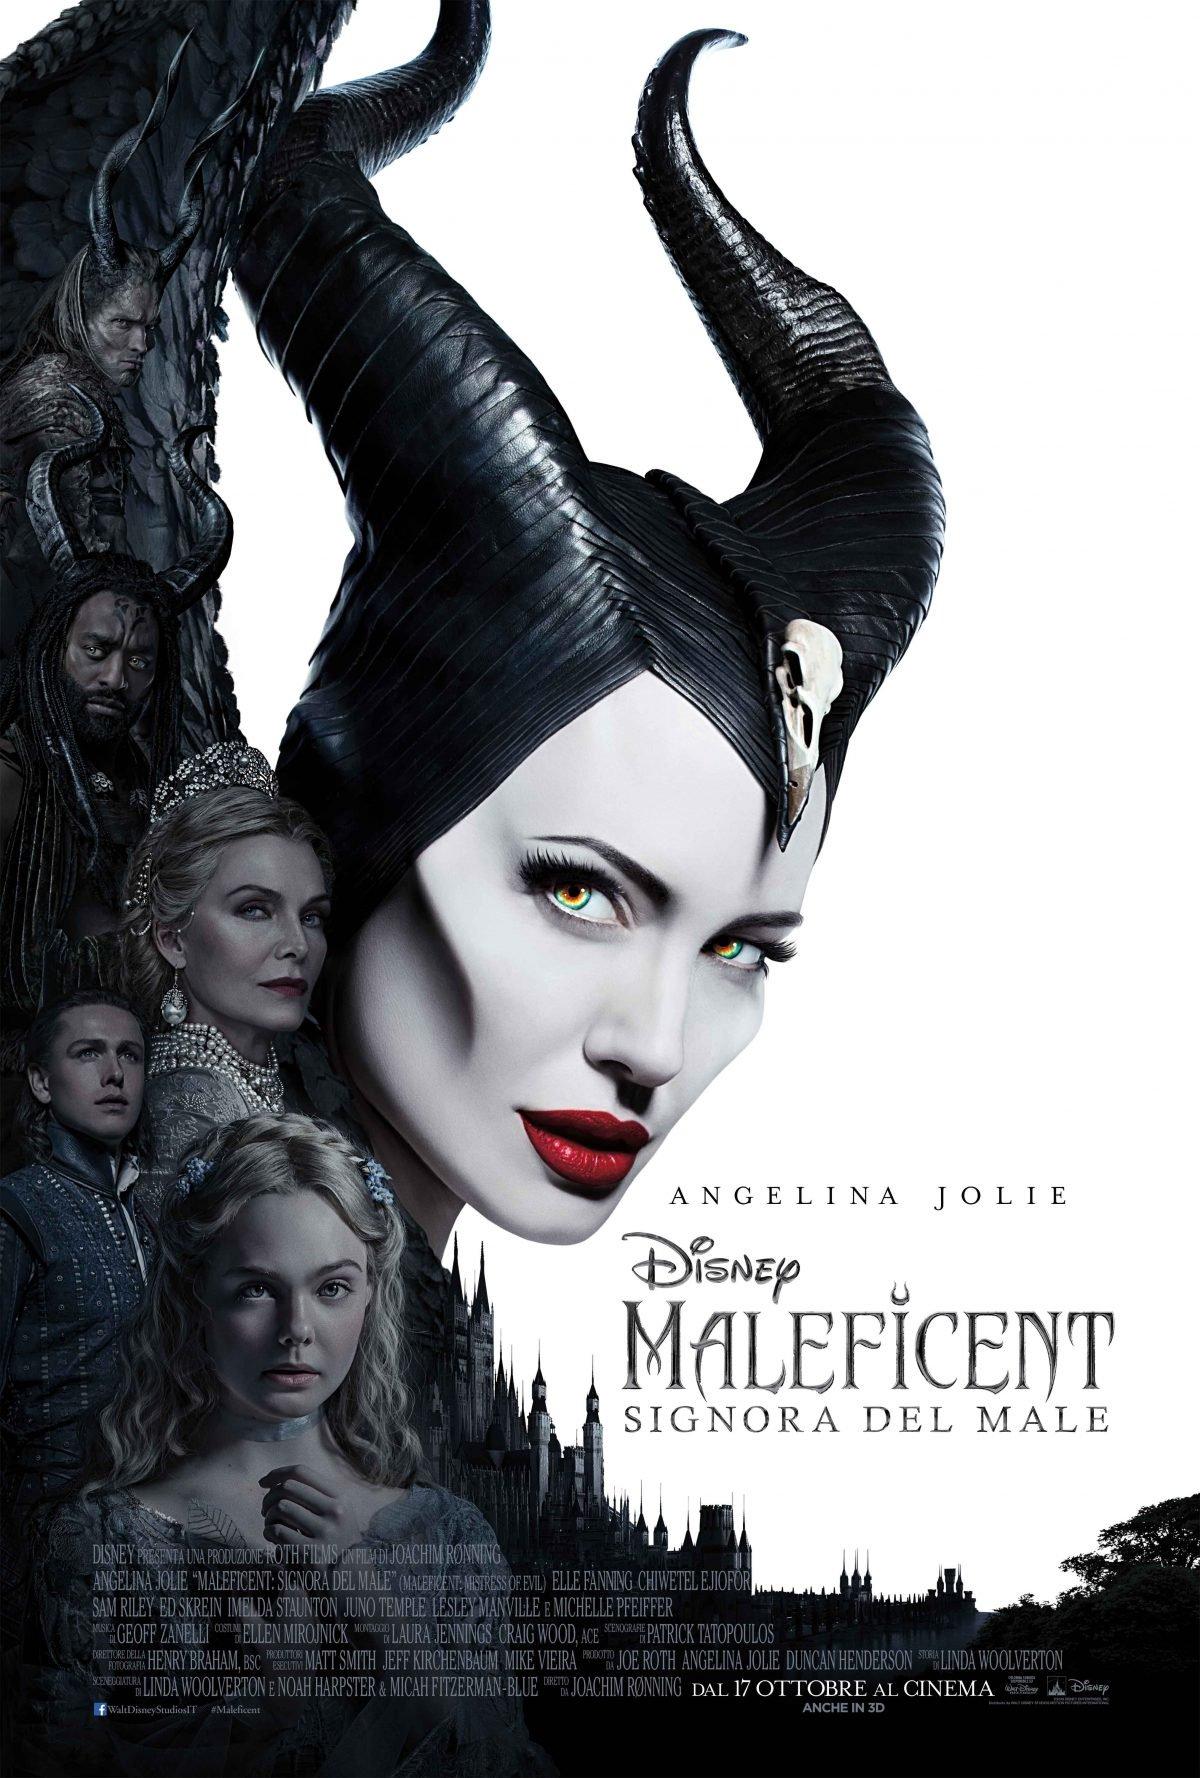 Le ali della libertà nel rapporto madre-figlia (Maleficent 2)